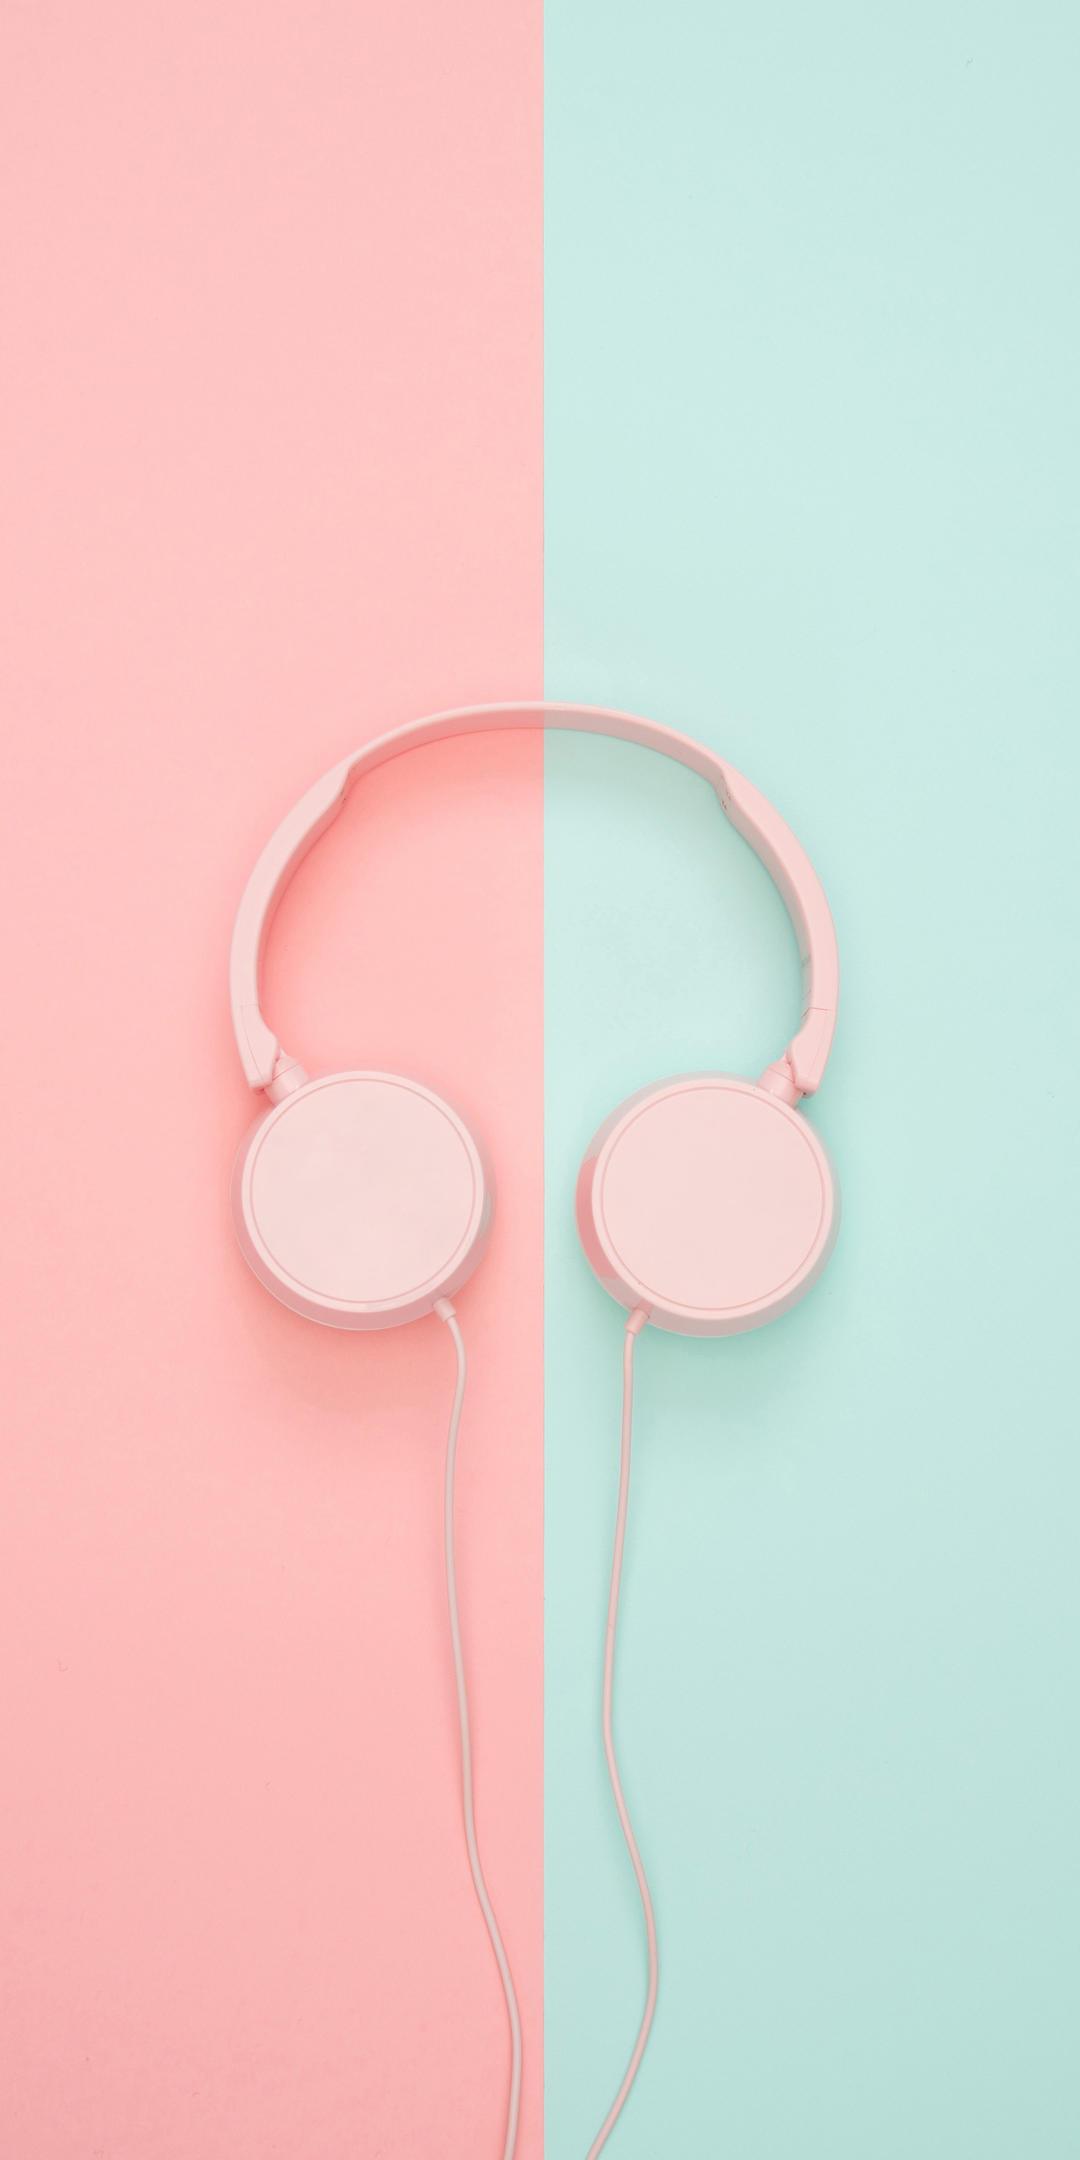 粉色系少女心手机壁纸插图35